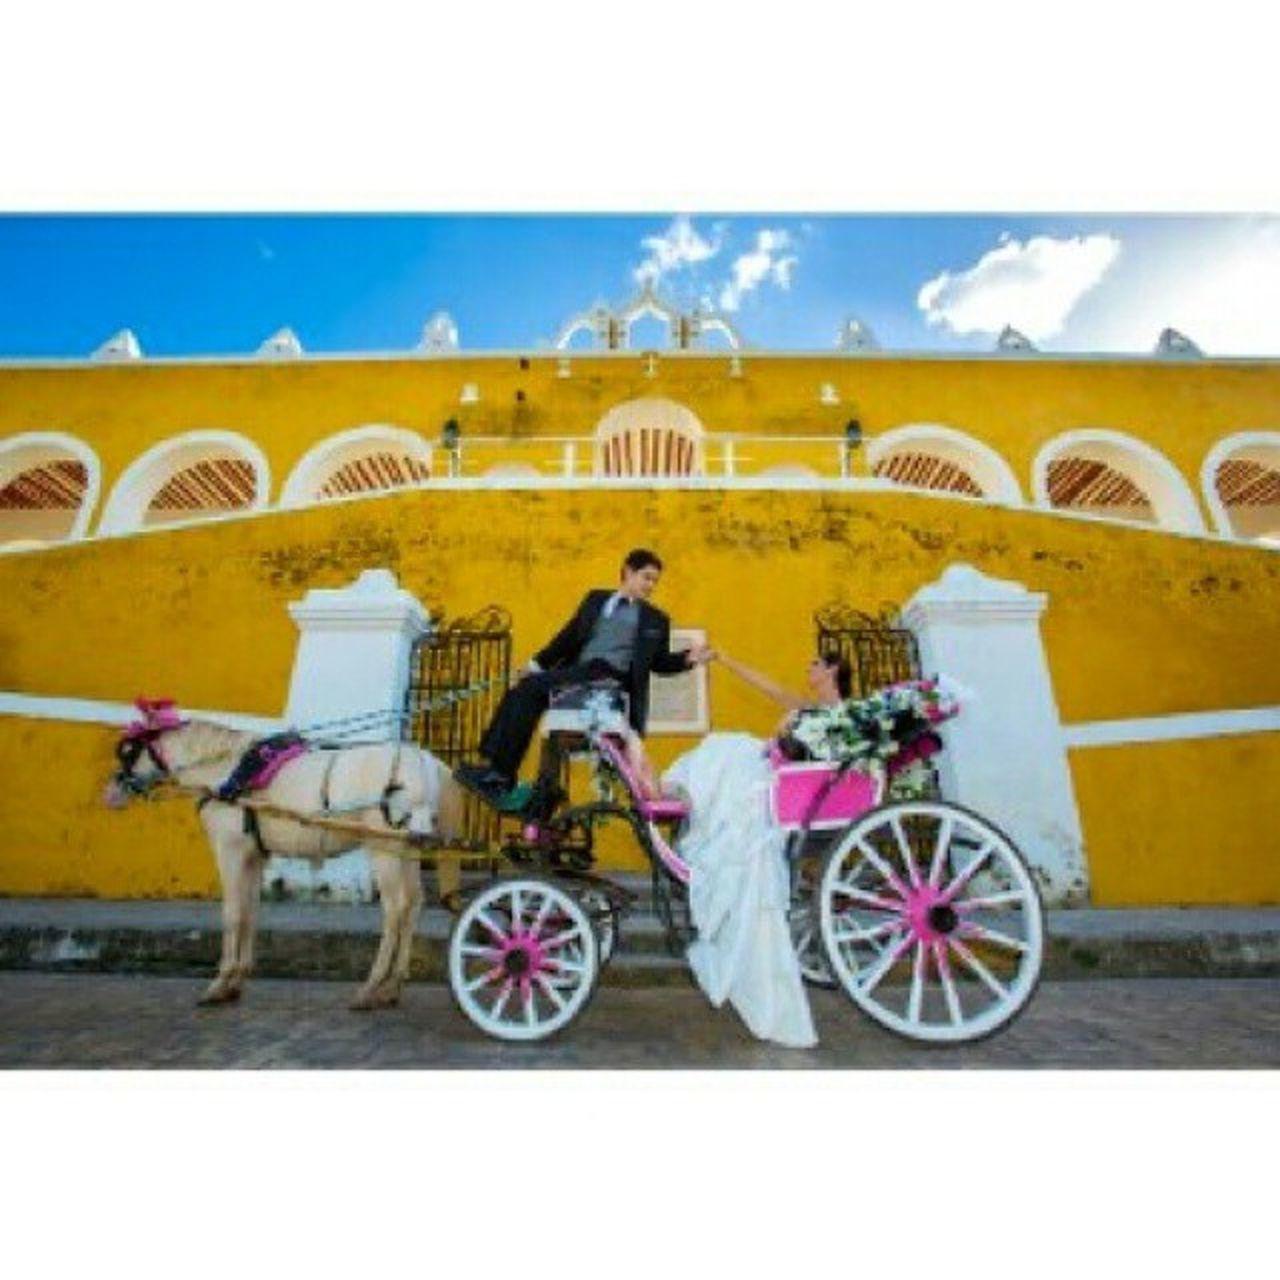 Canon 5dmarkll Boda Fotografo Foto Amor Weddinphotography Wedding Weddingphotographer Arte Arquitectura Caleza Caballo